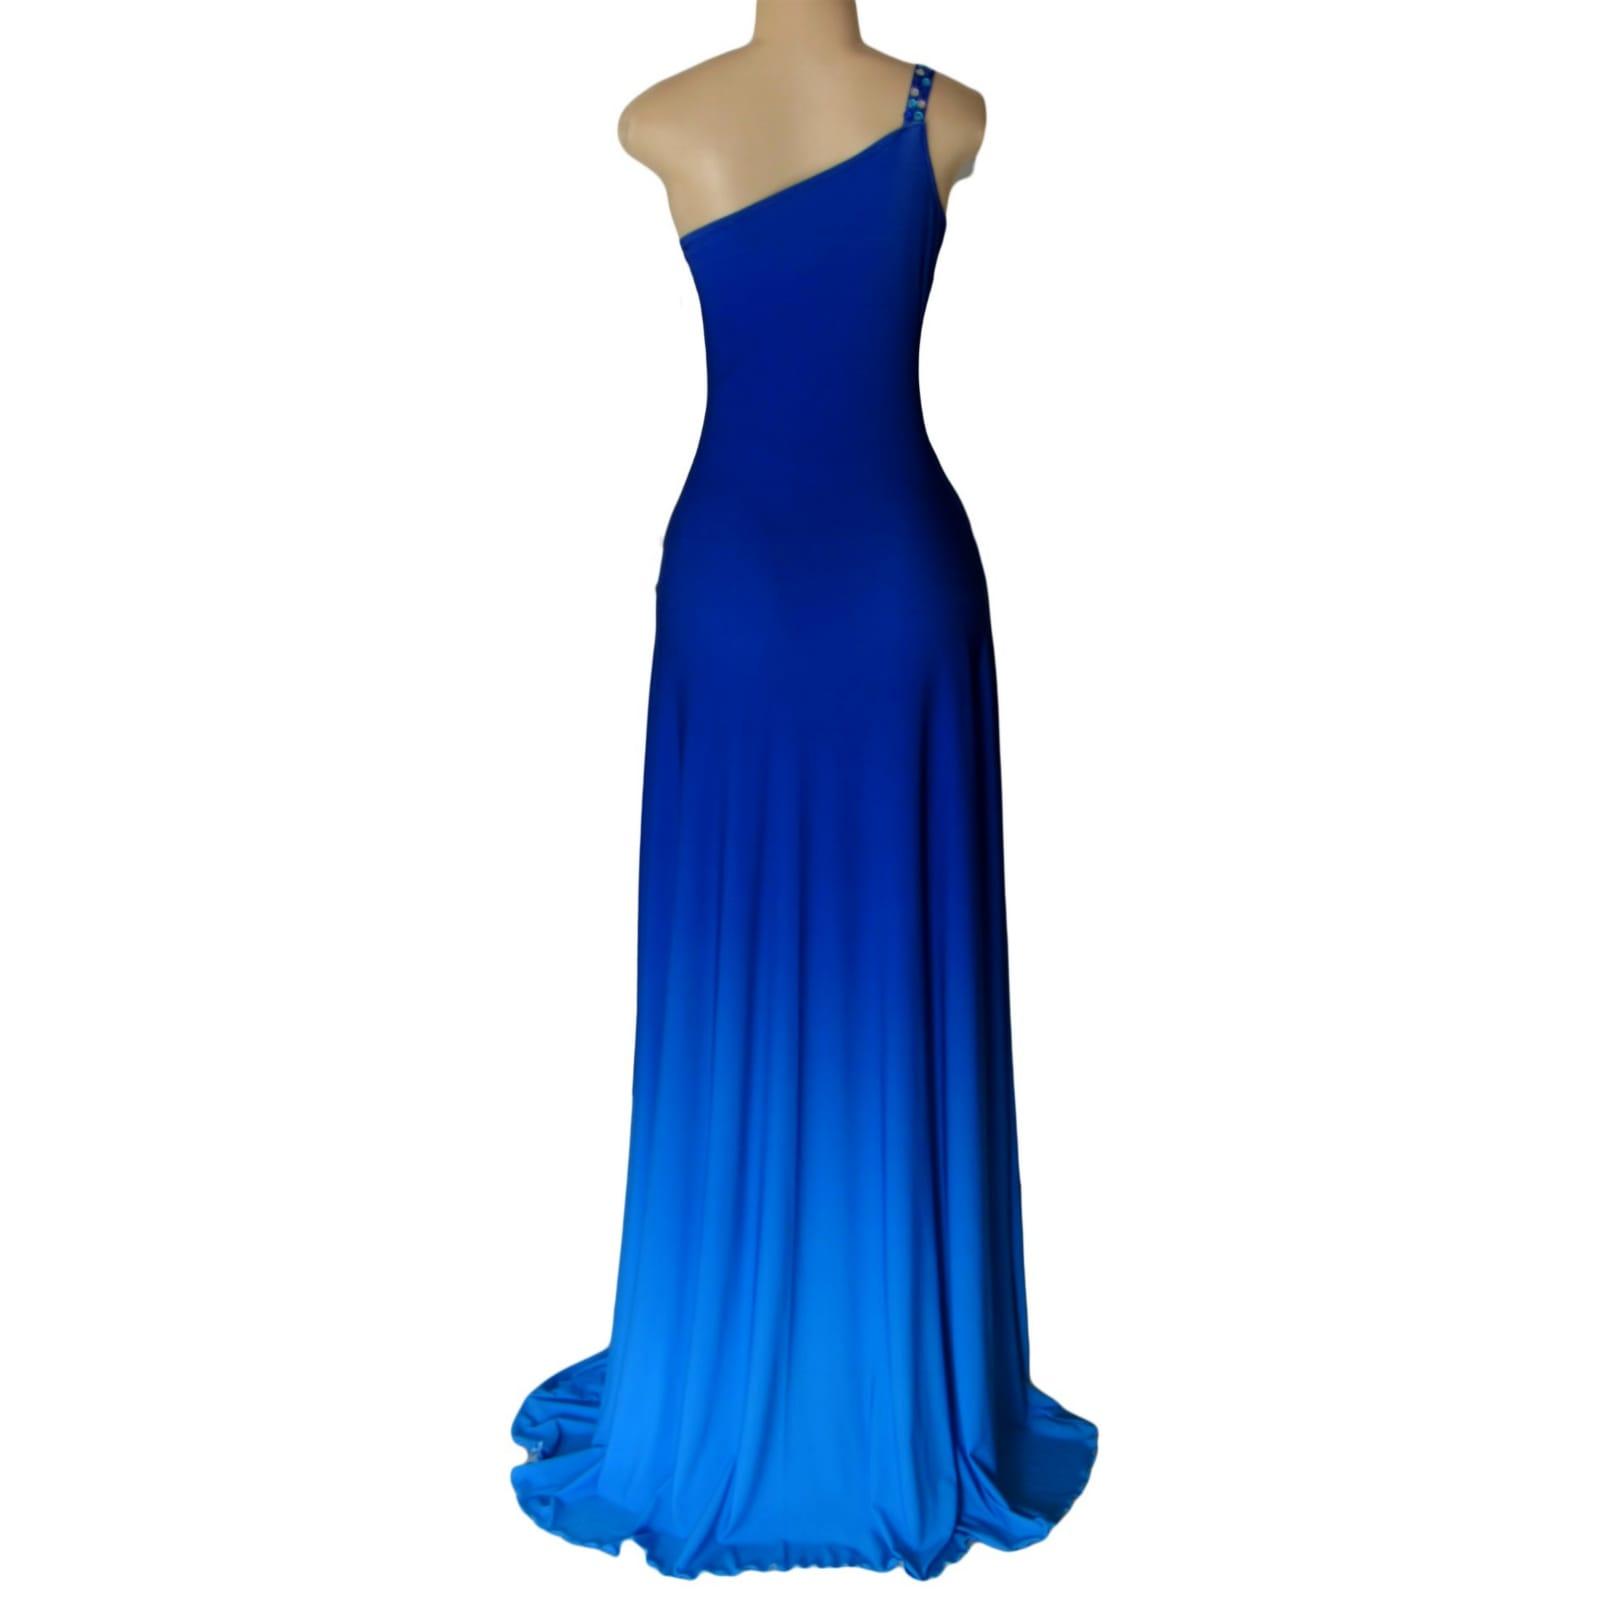 Vestido de dama de honra em sombra de azul 4 vestido de dama de honra em sombra de azul, com um único ombro com talões